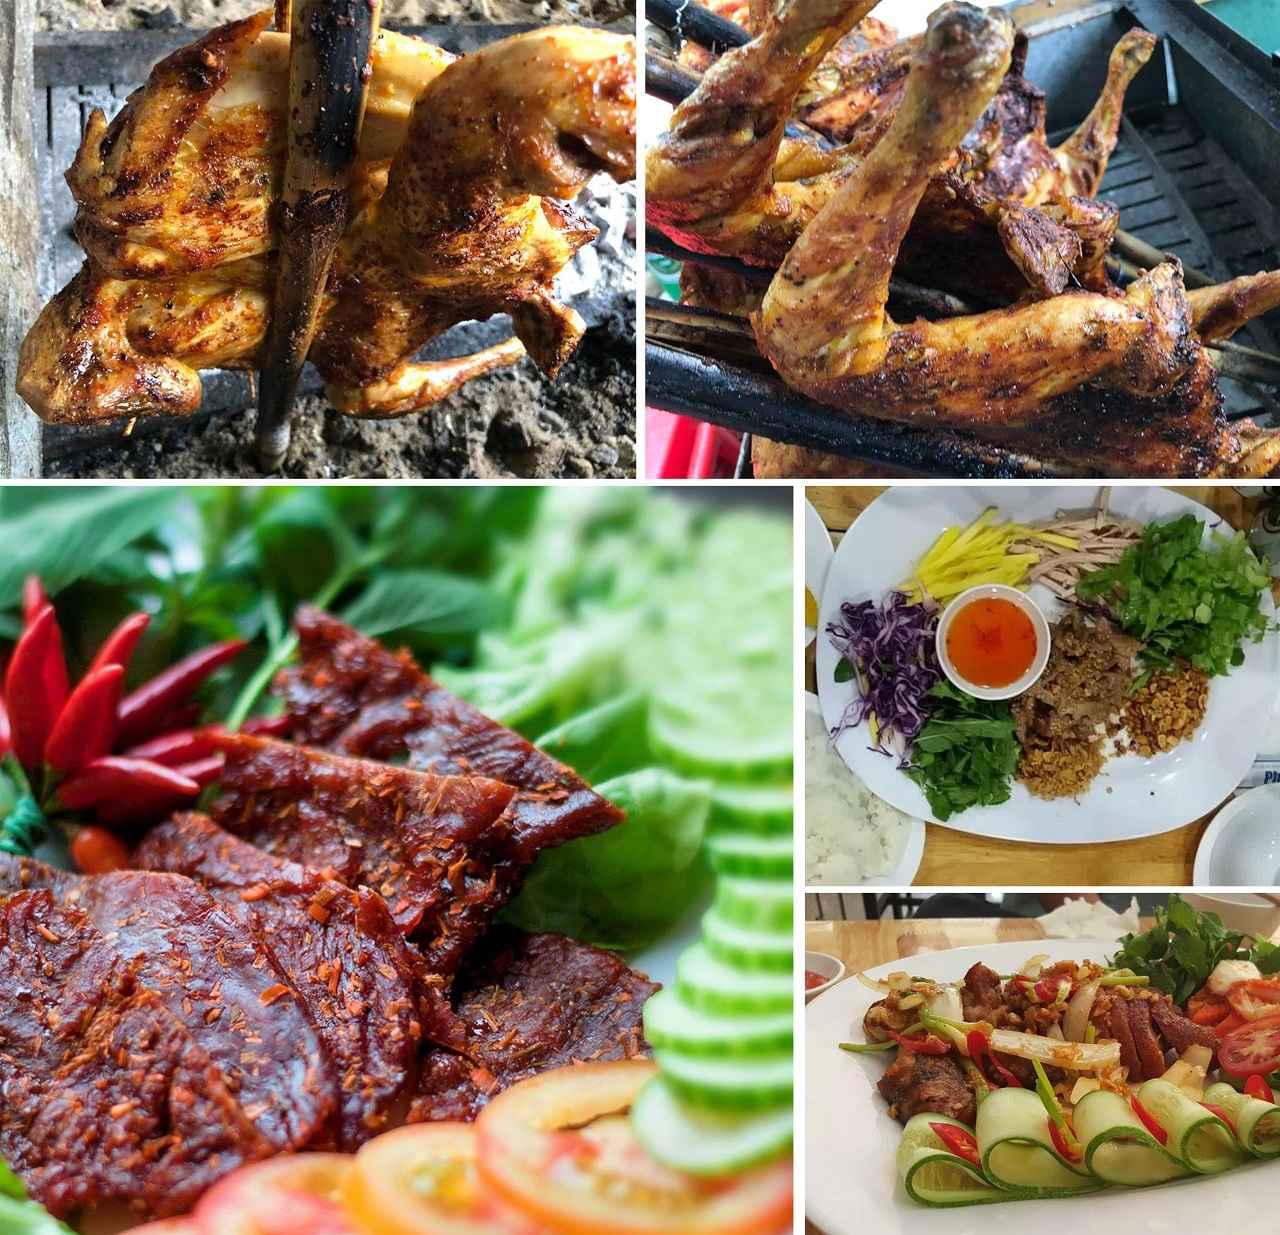 Nhà hàng cơm lam gà nướng muối é nổi tiếng tại Đà Lạt